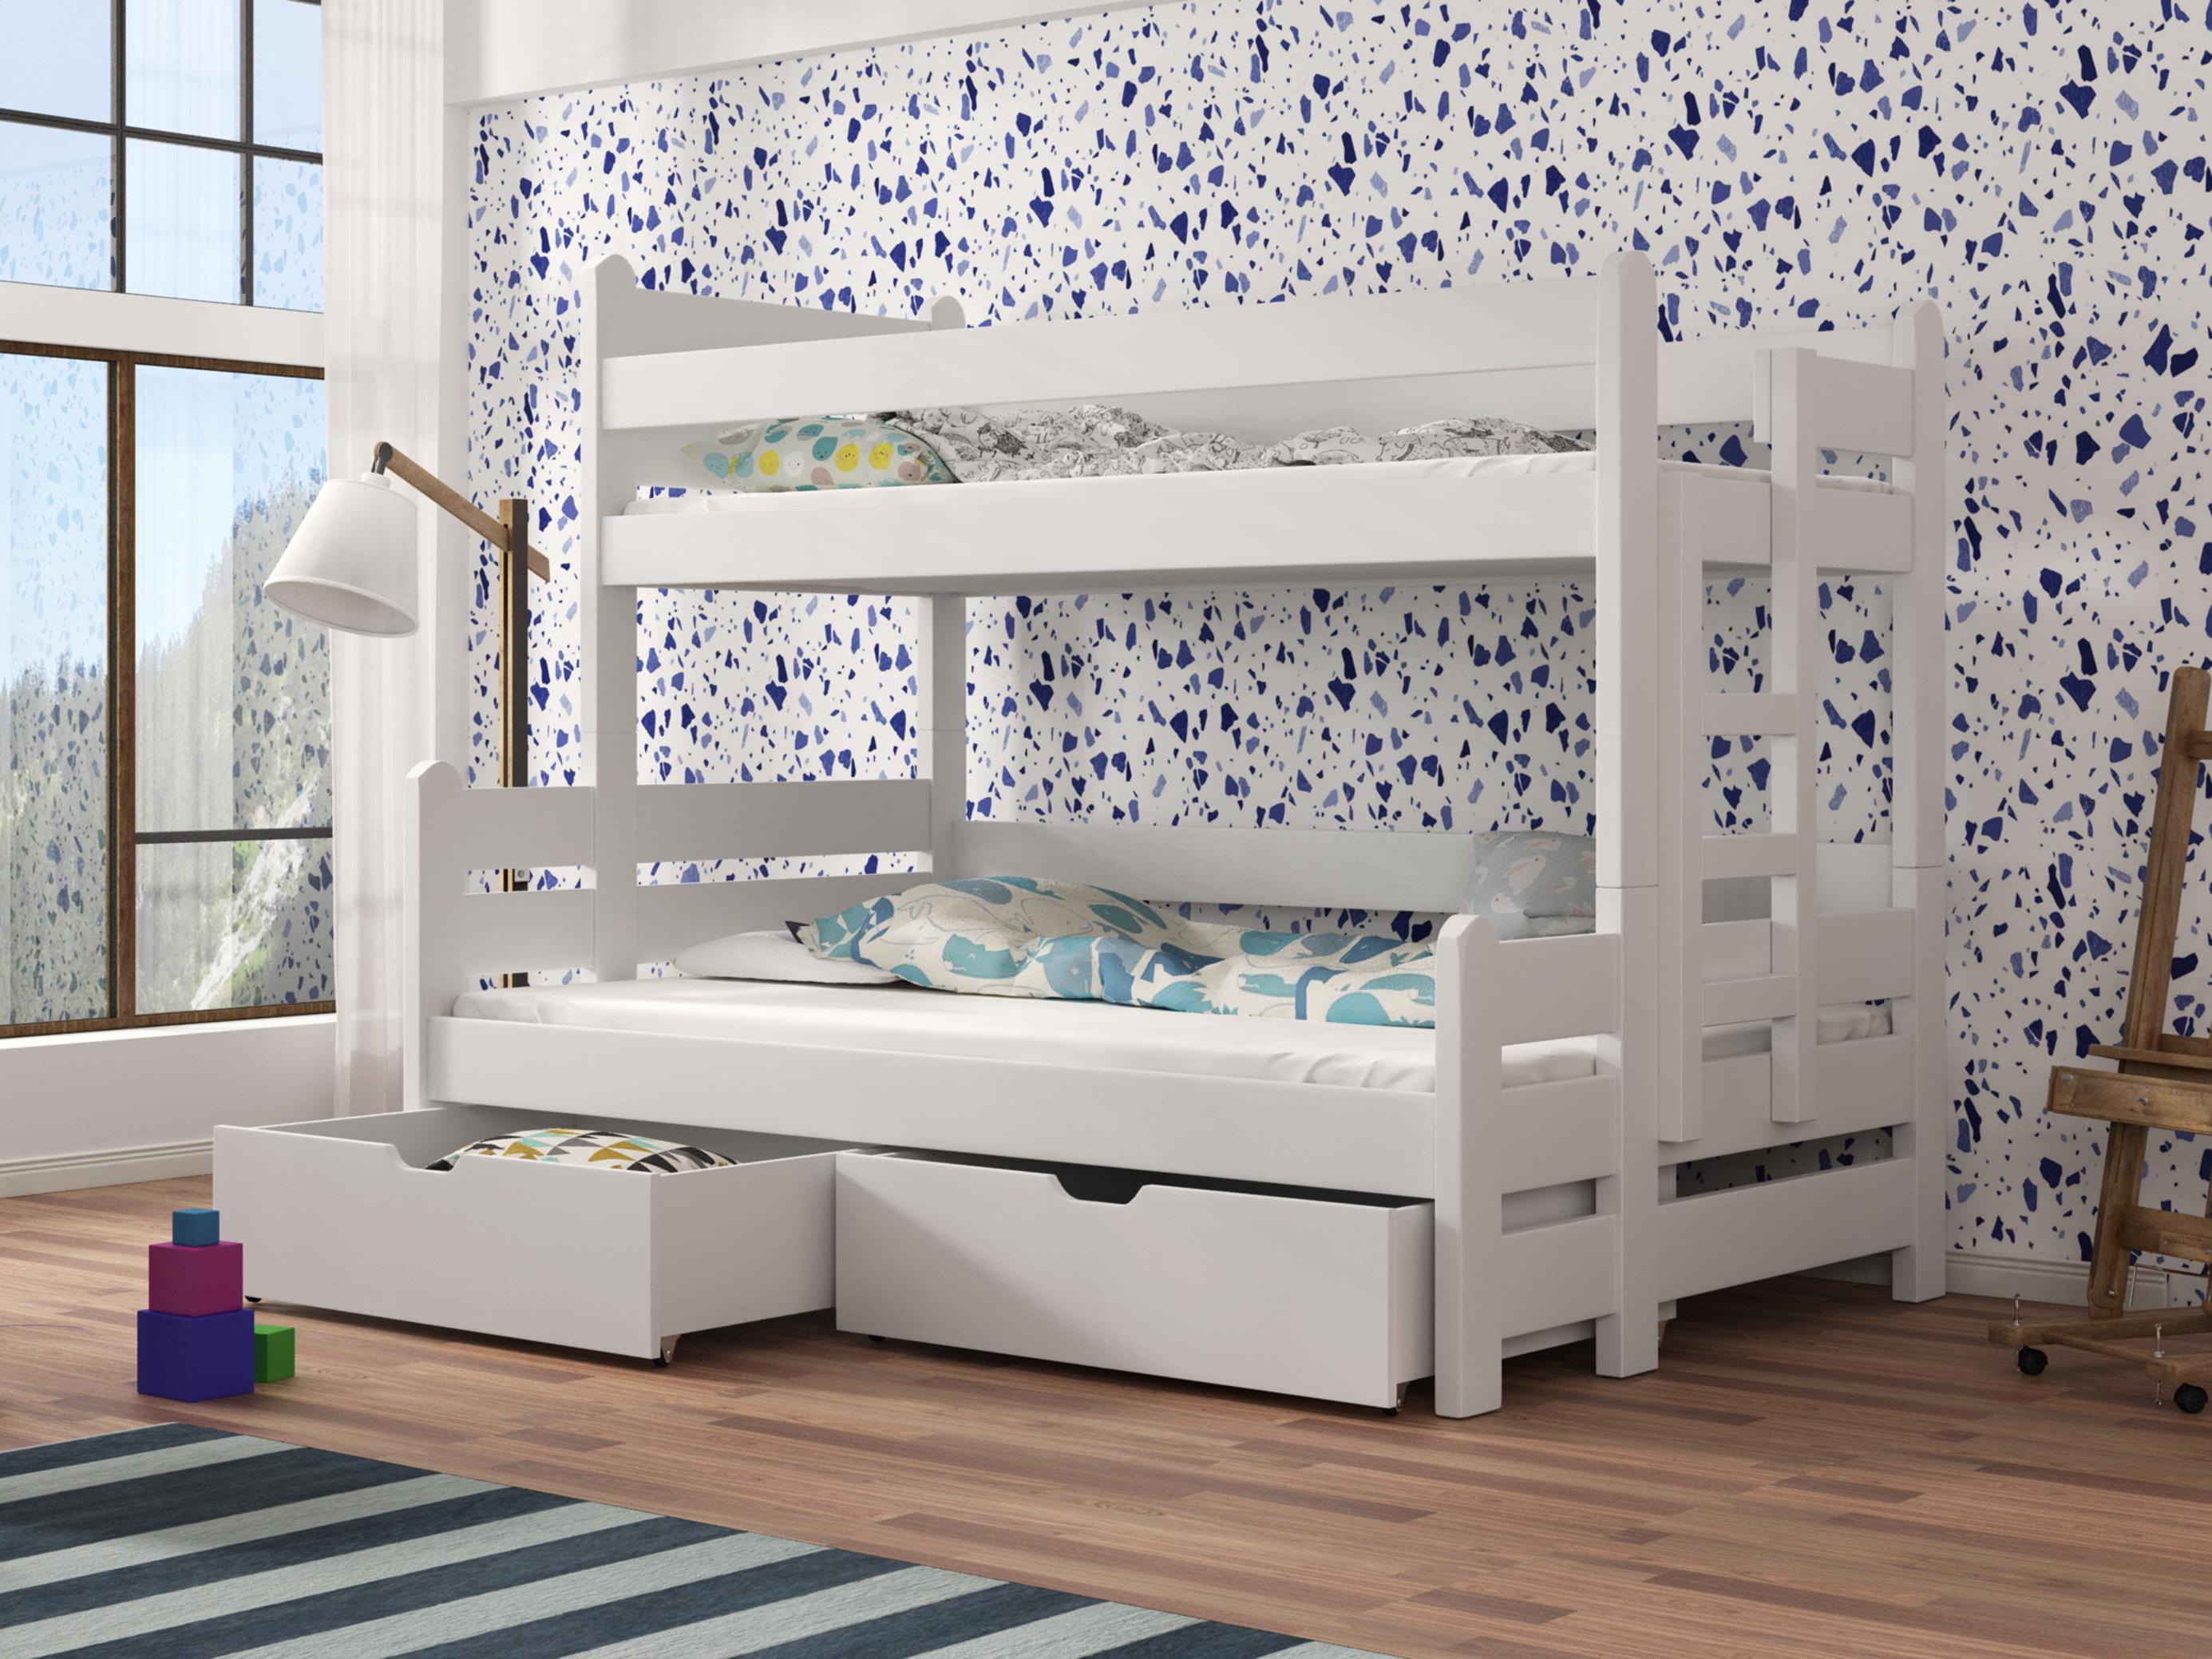 Dětská patrová postel 90 cm - Bivi (bílá)